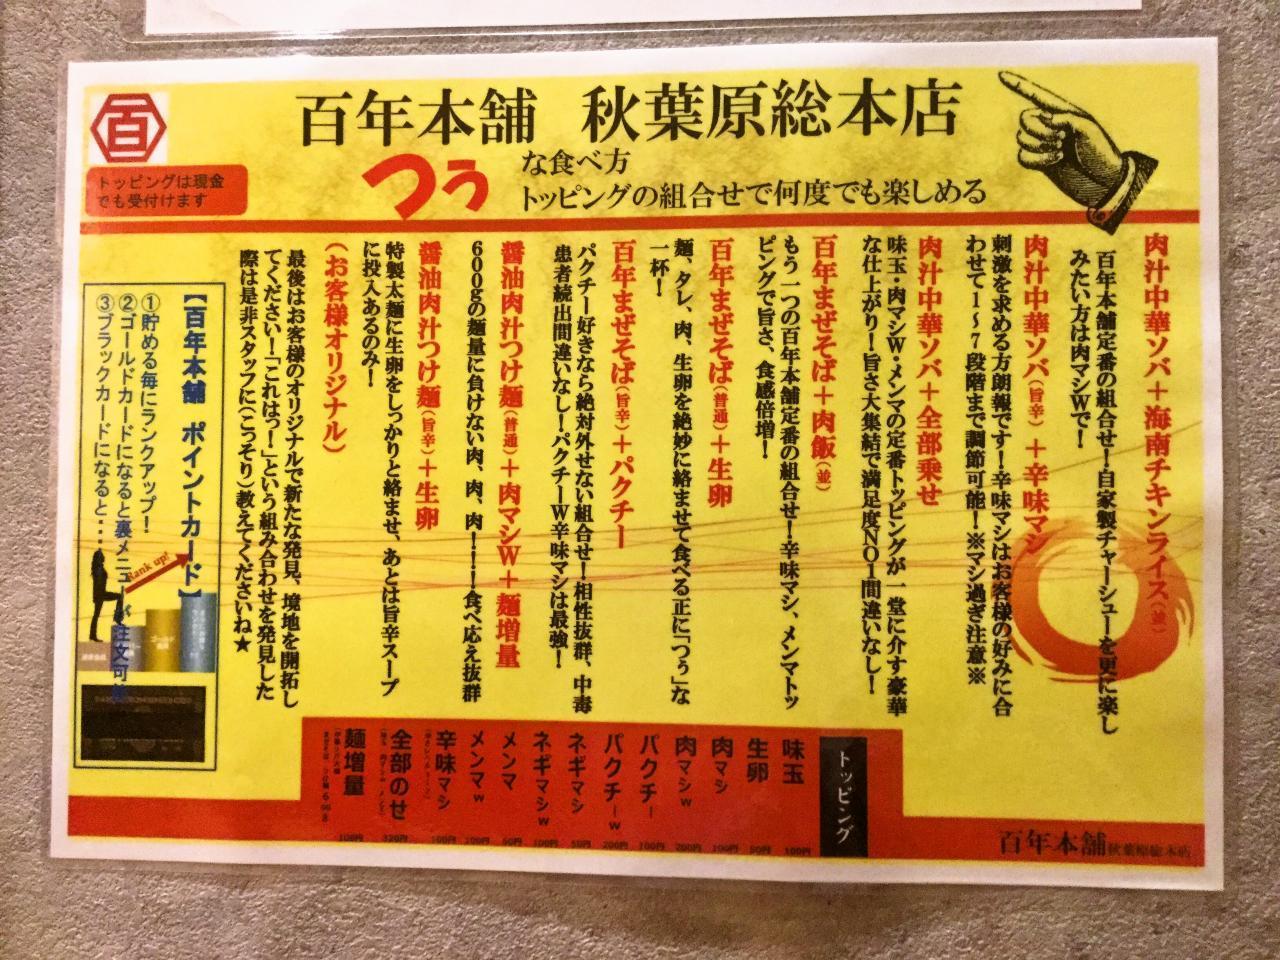 百年本舗 秋葉原総本店(店内)